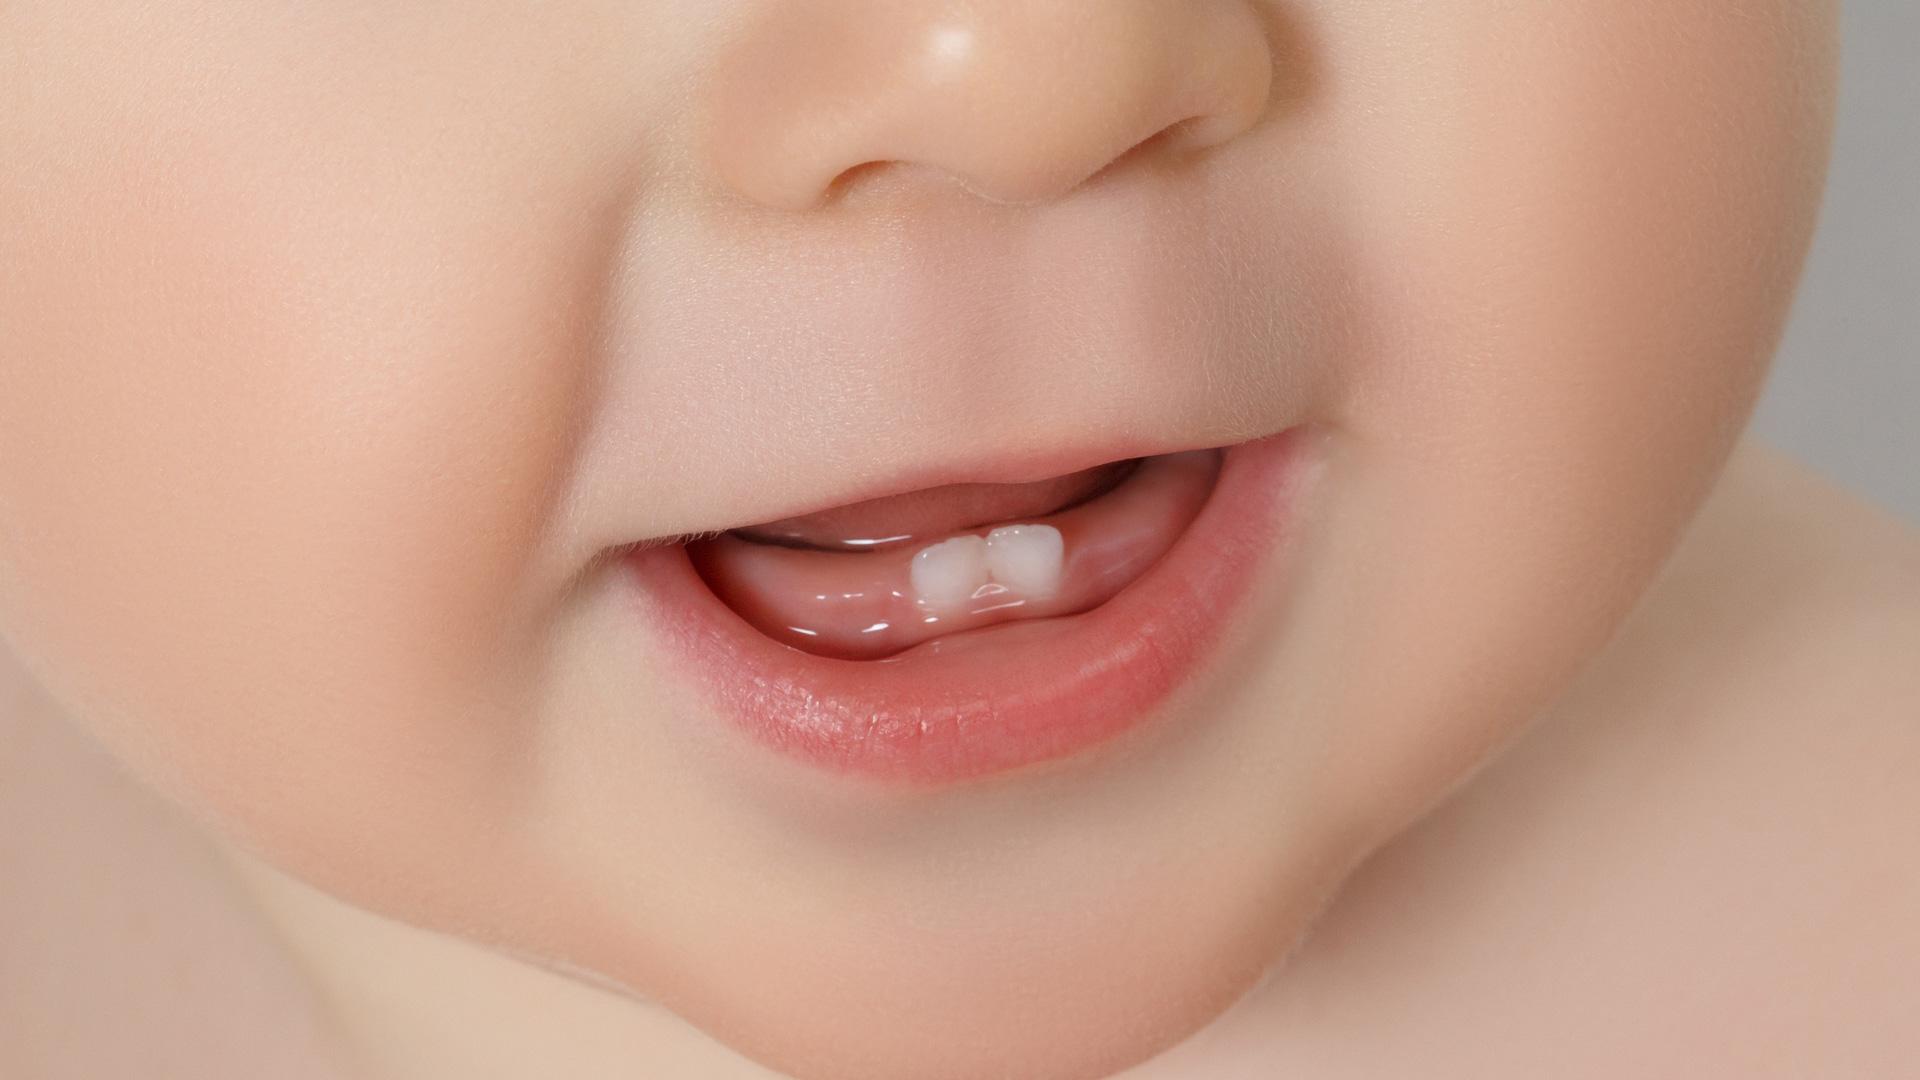 Pentingnya Menjaga Kesehatan Gigi dan Mulut Usia Balita